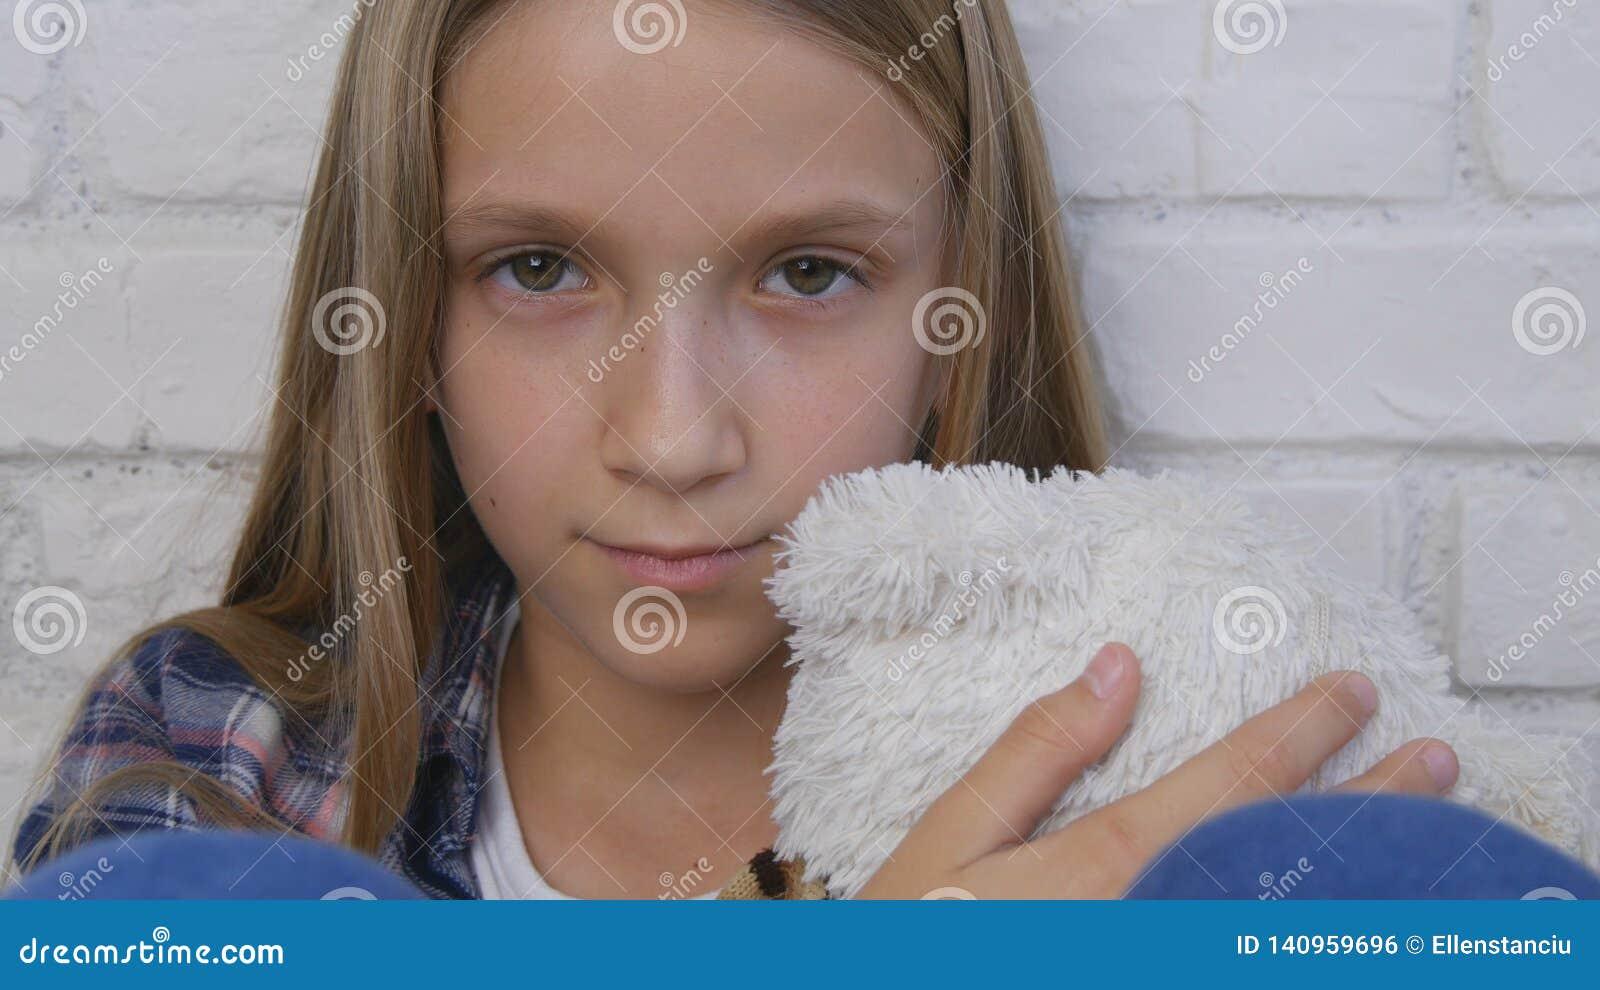 Smutny dziecko, Nieszczęśliwy dzieciak, Chora Chora dziewczyna w depresji, Zaakcentowana Rozważna osoba